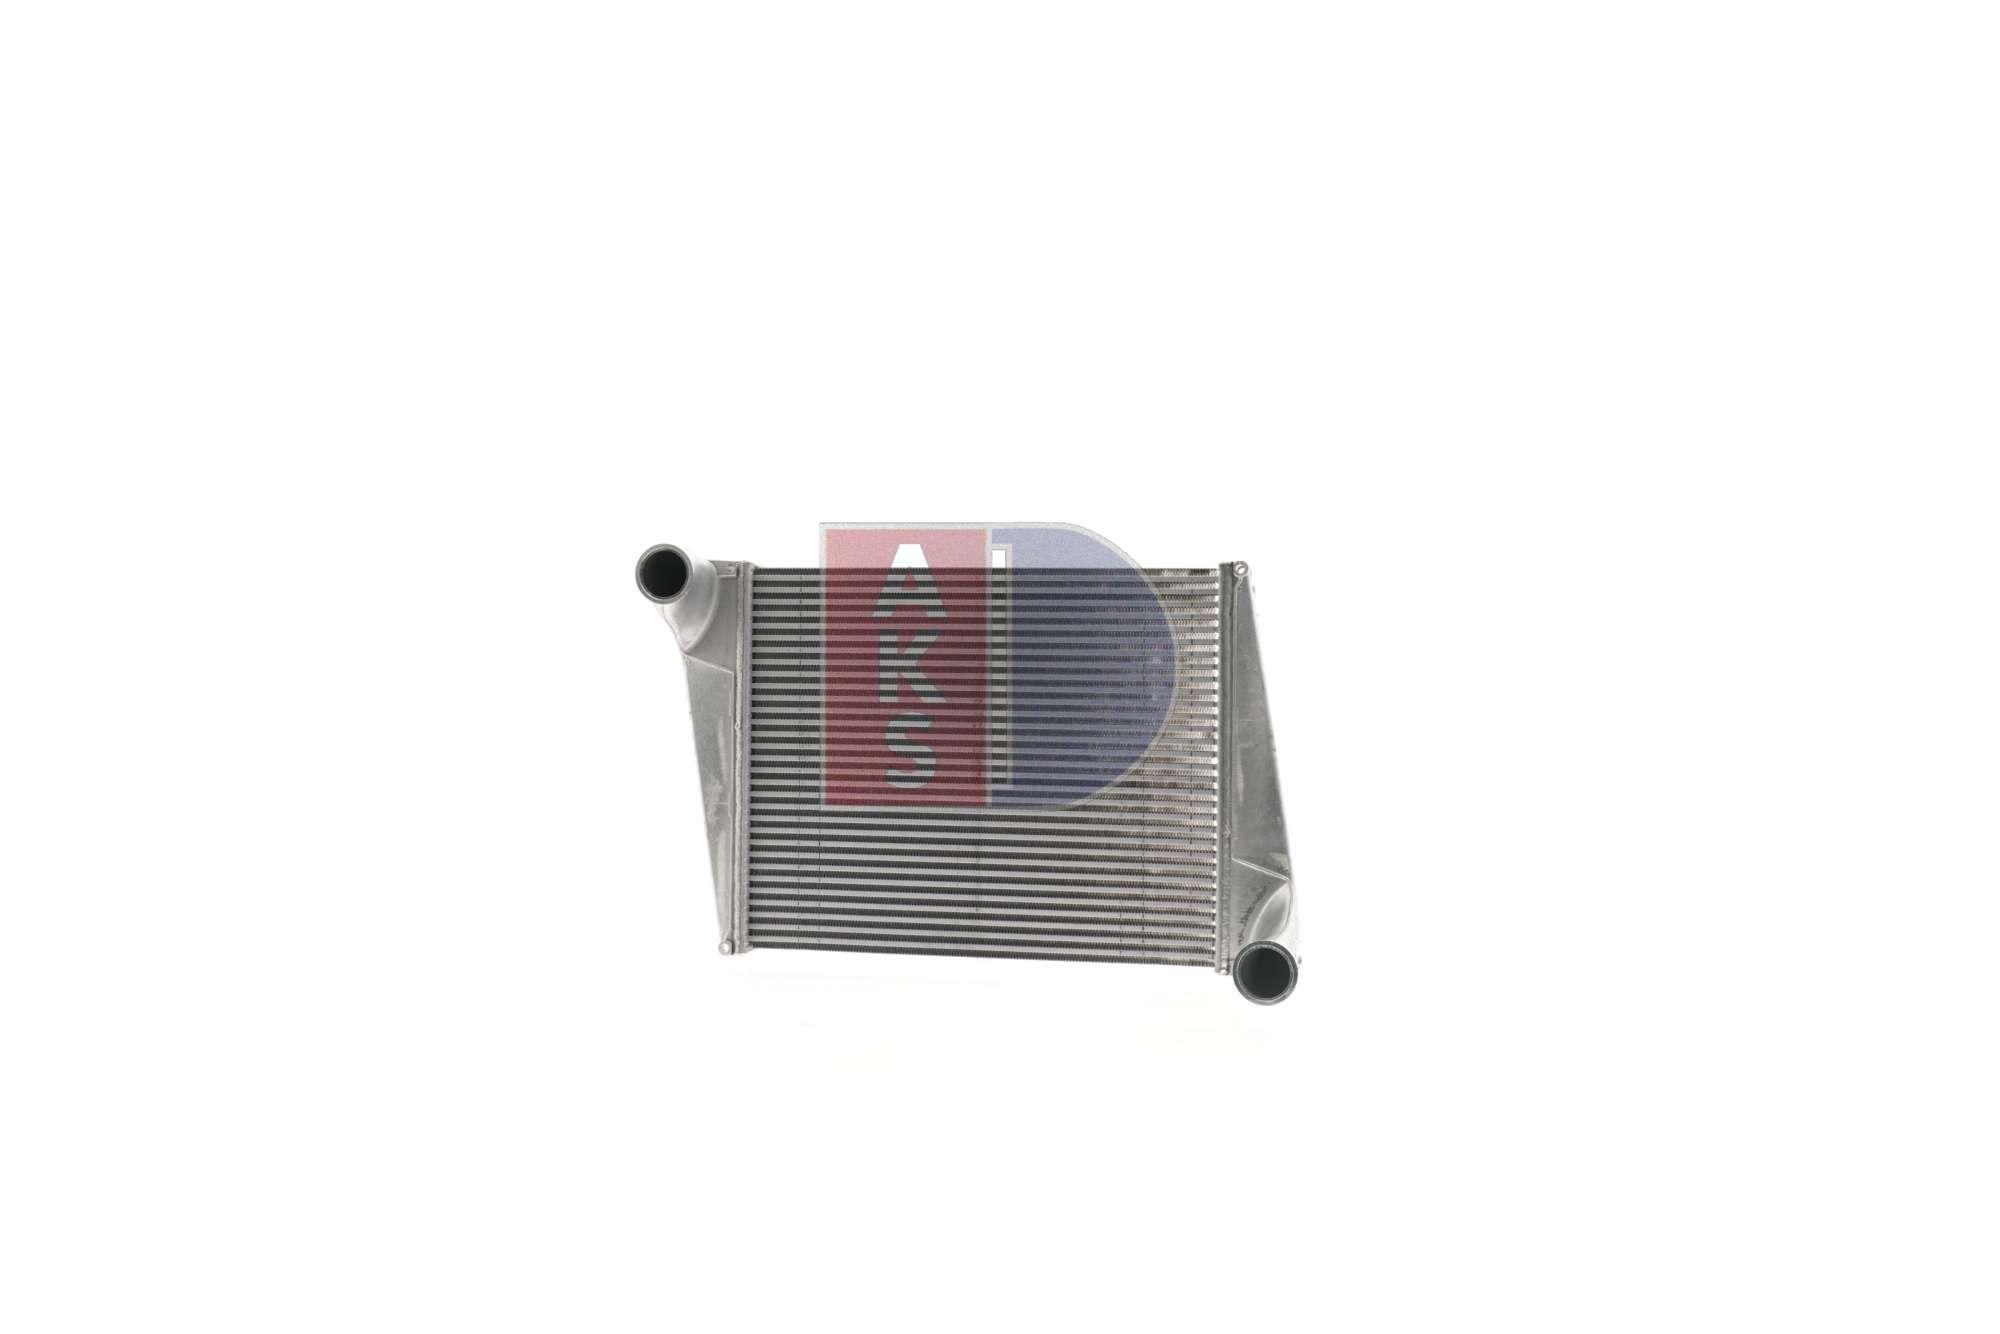 287012X AKS DASIS Ladeluftkühler für FAP online bestellen